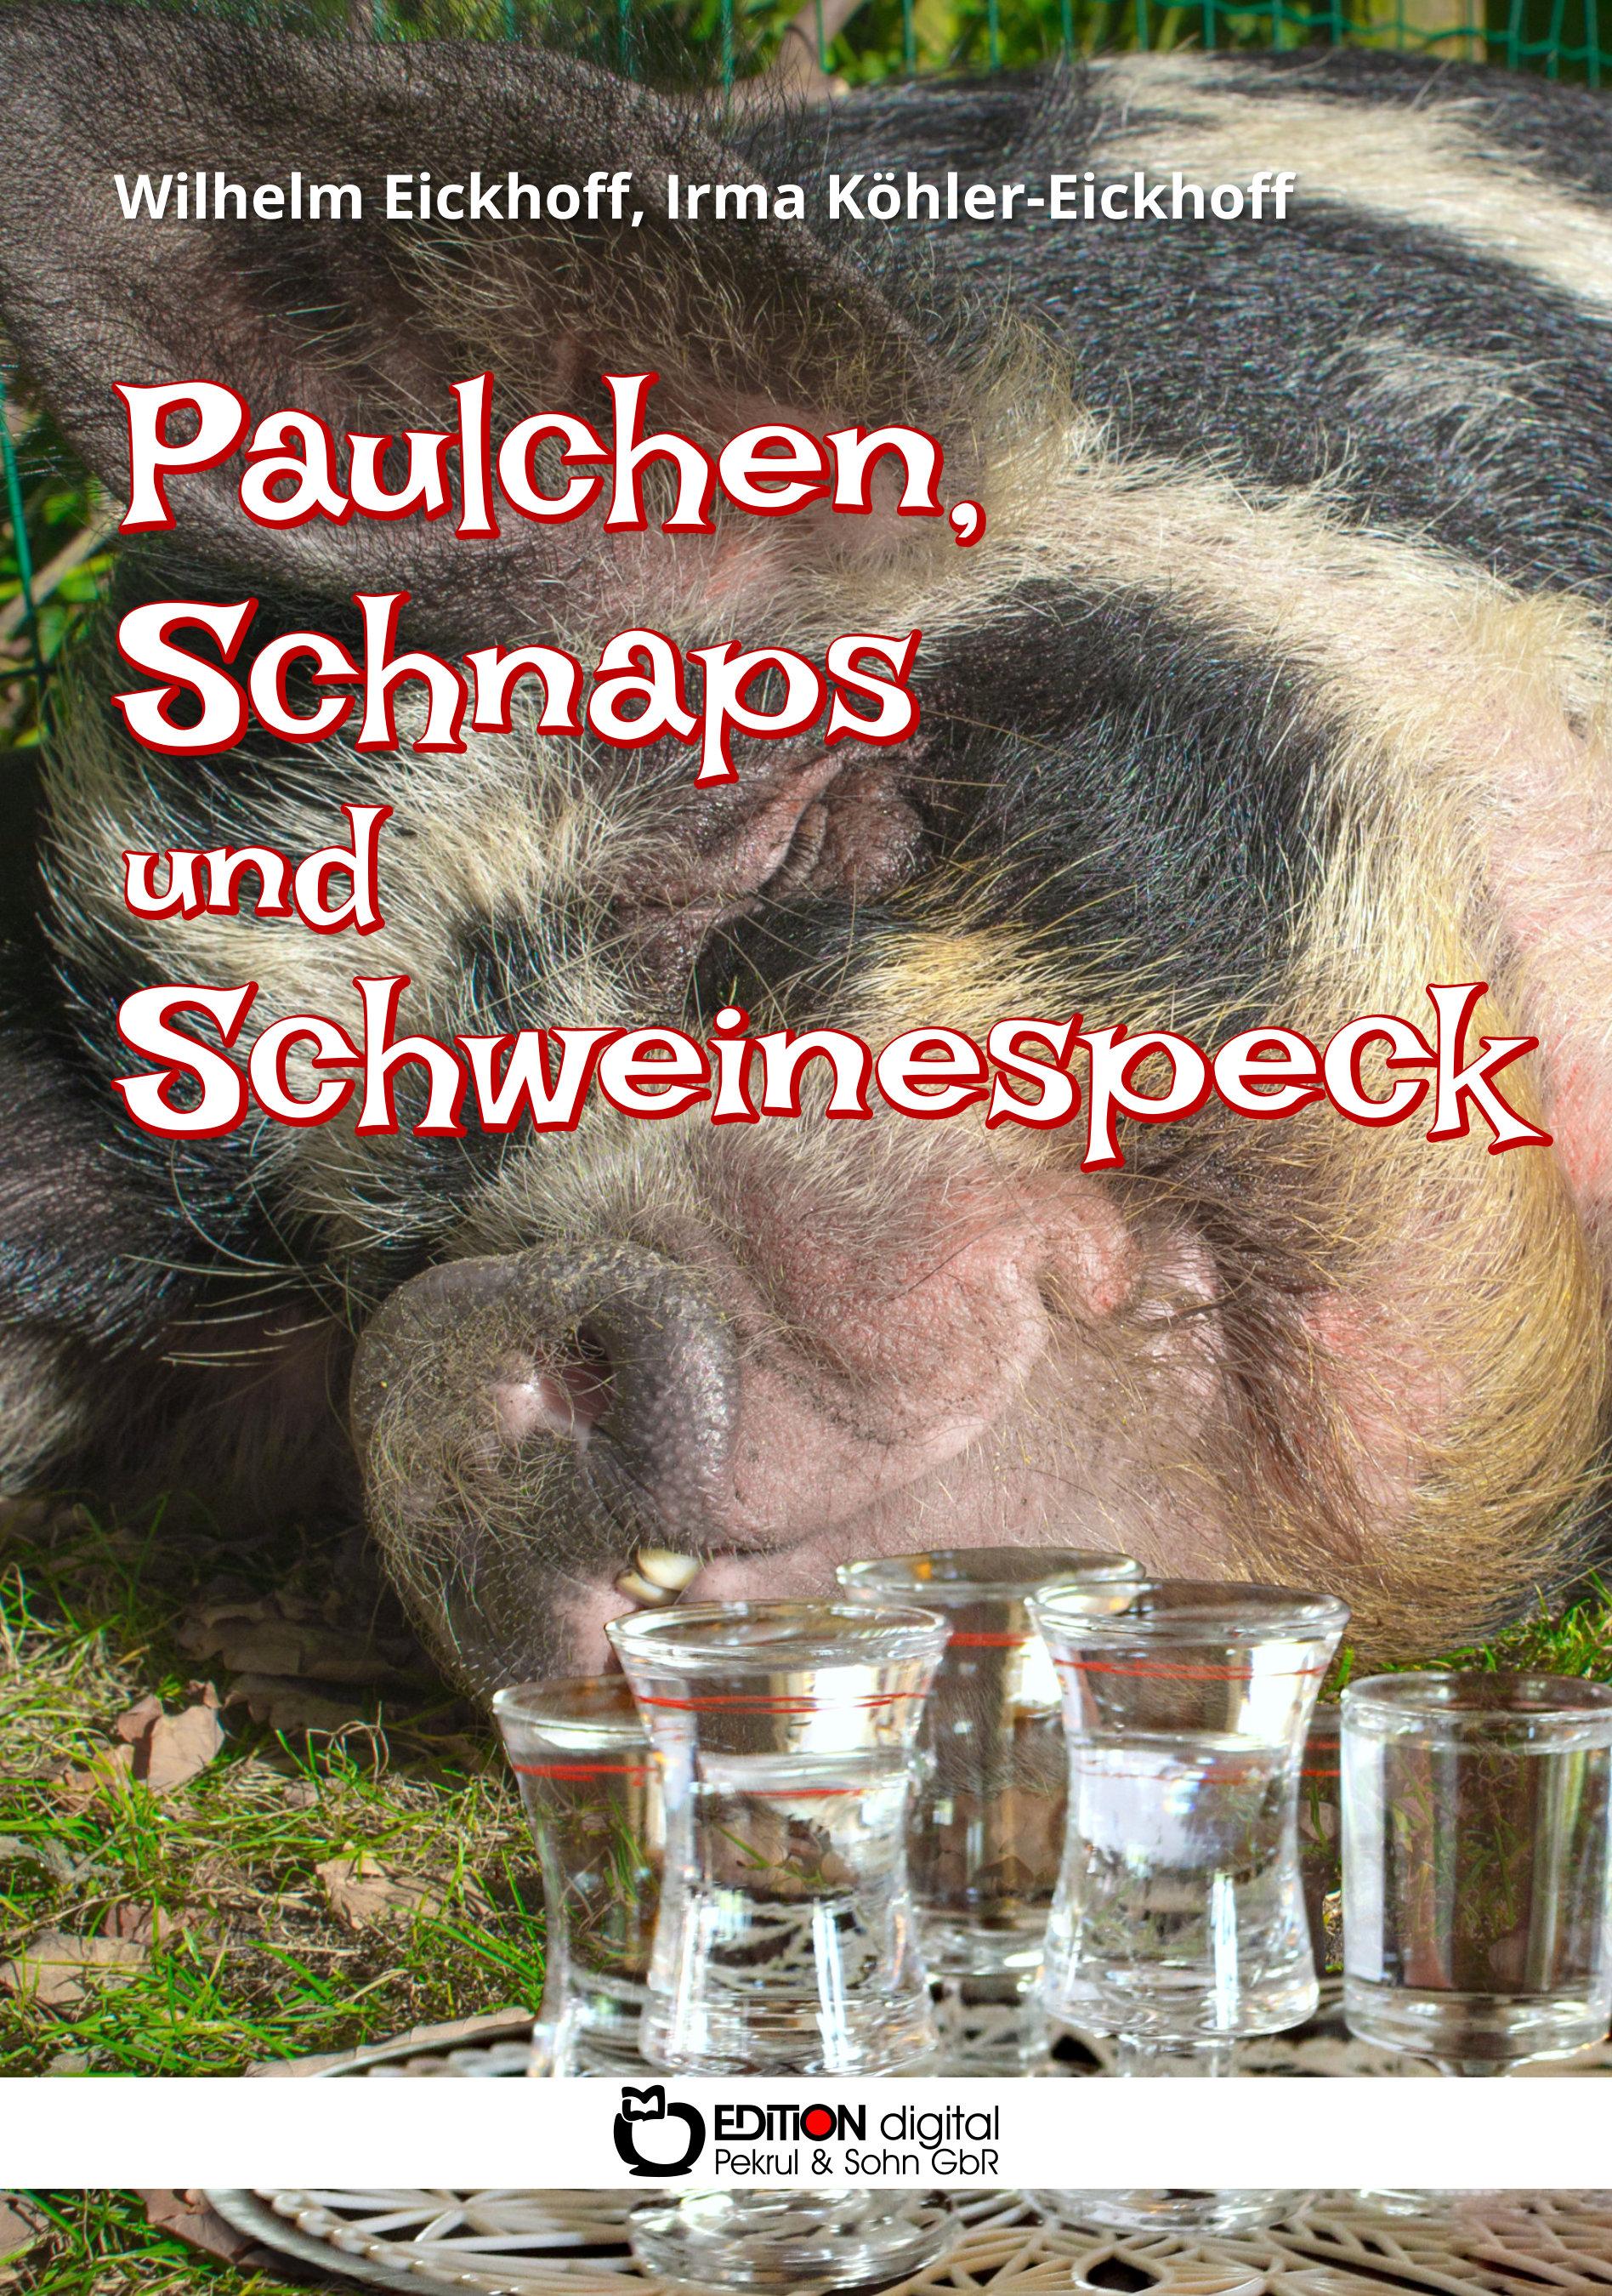 2019-05-23 Paulchen